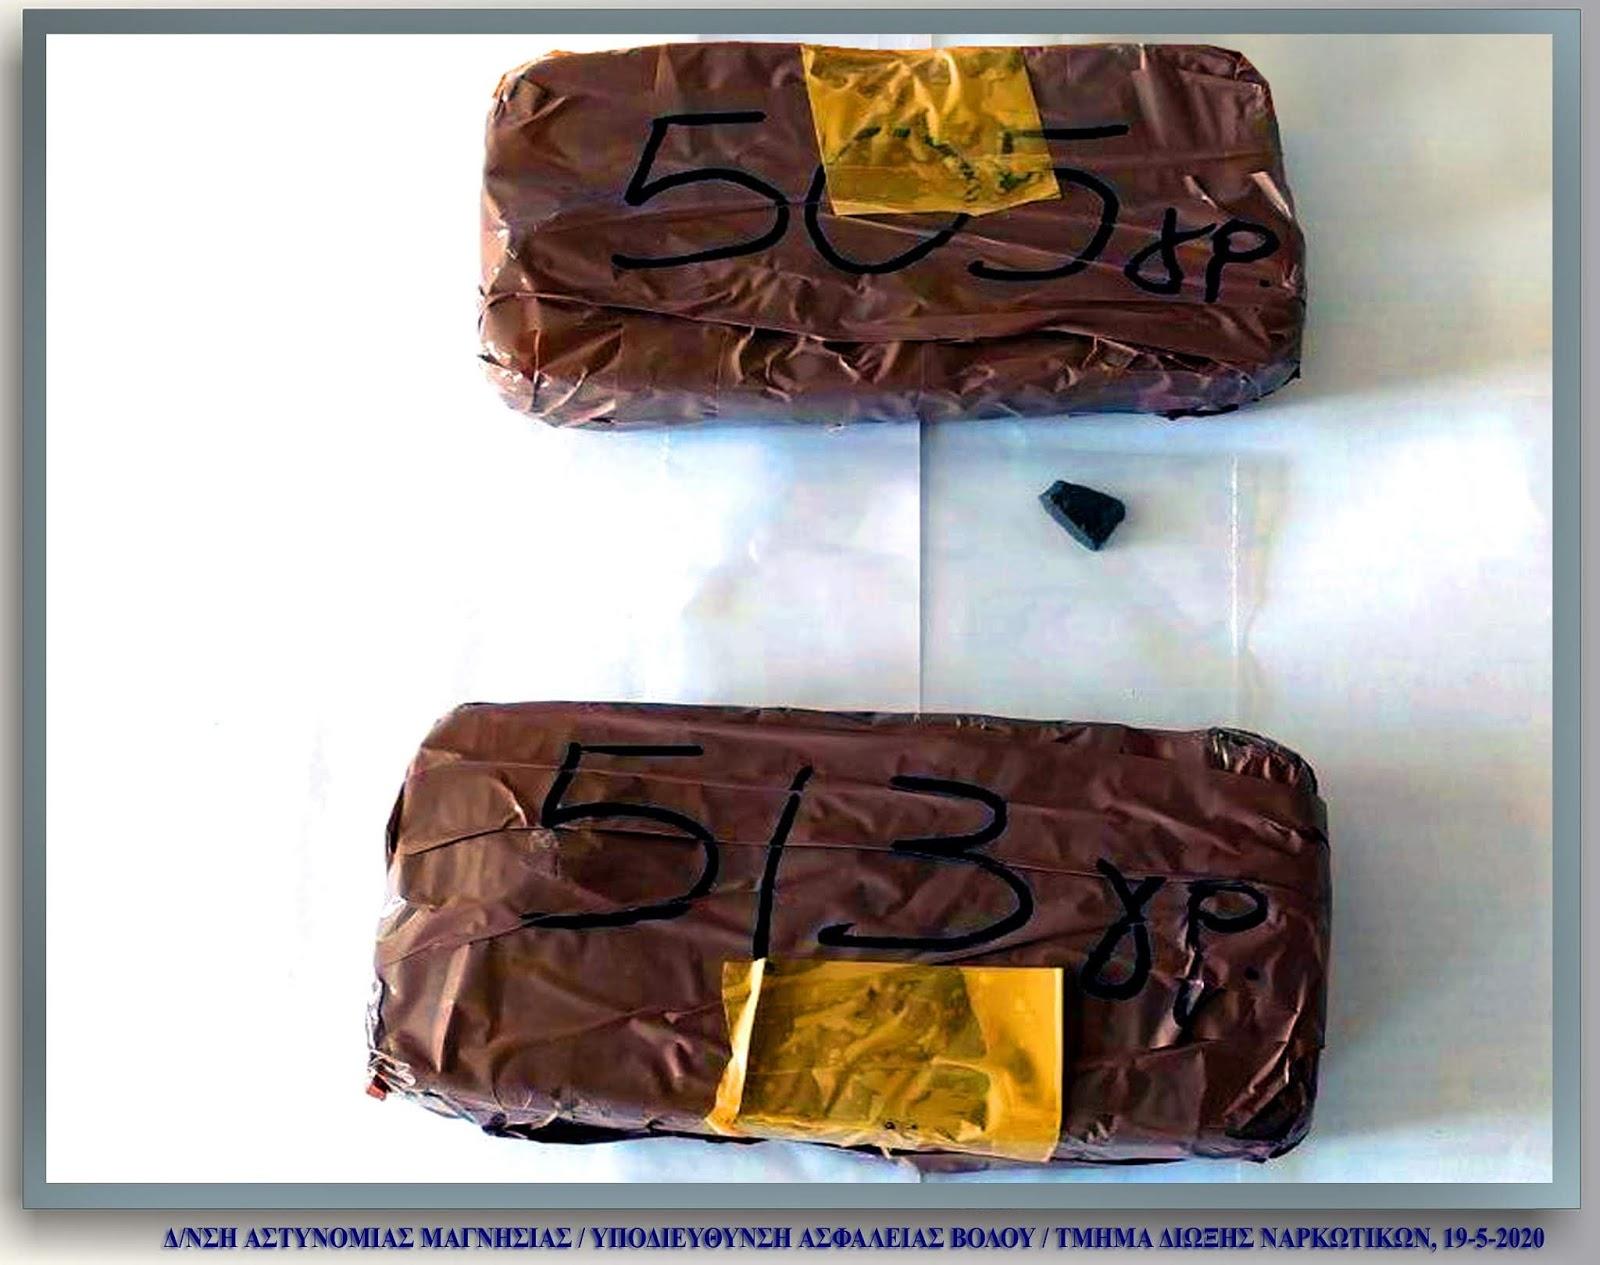 Συνελήφθη στο Βόλο ένα άτομο για διακίνηση ναρκωτικών ουσιών